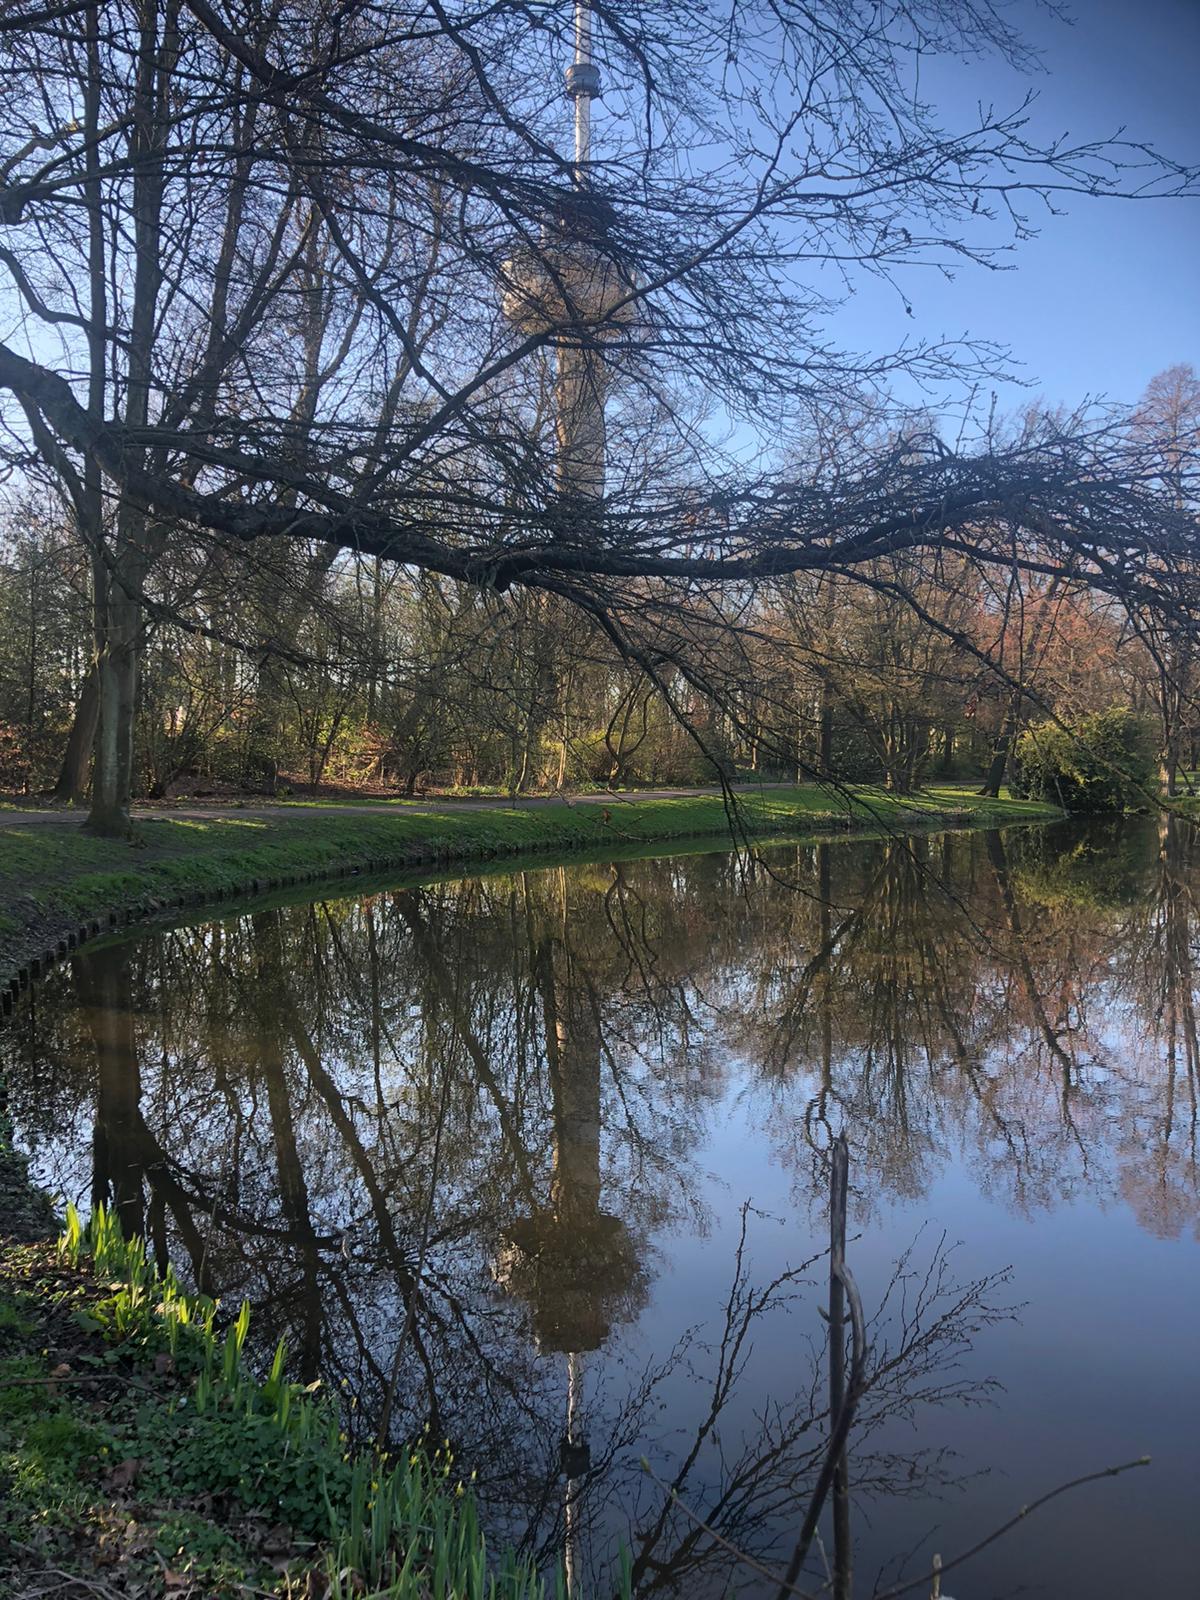 Door de kale bomen van het park is de Euromast nog net te zien. De bomen worden weerspiegeld in het water op het onderste deel van de foto.